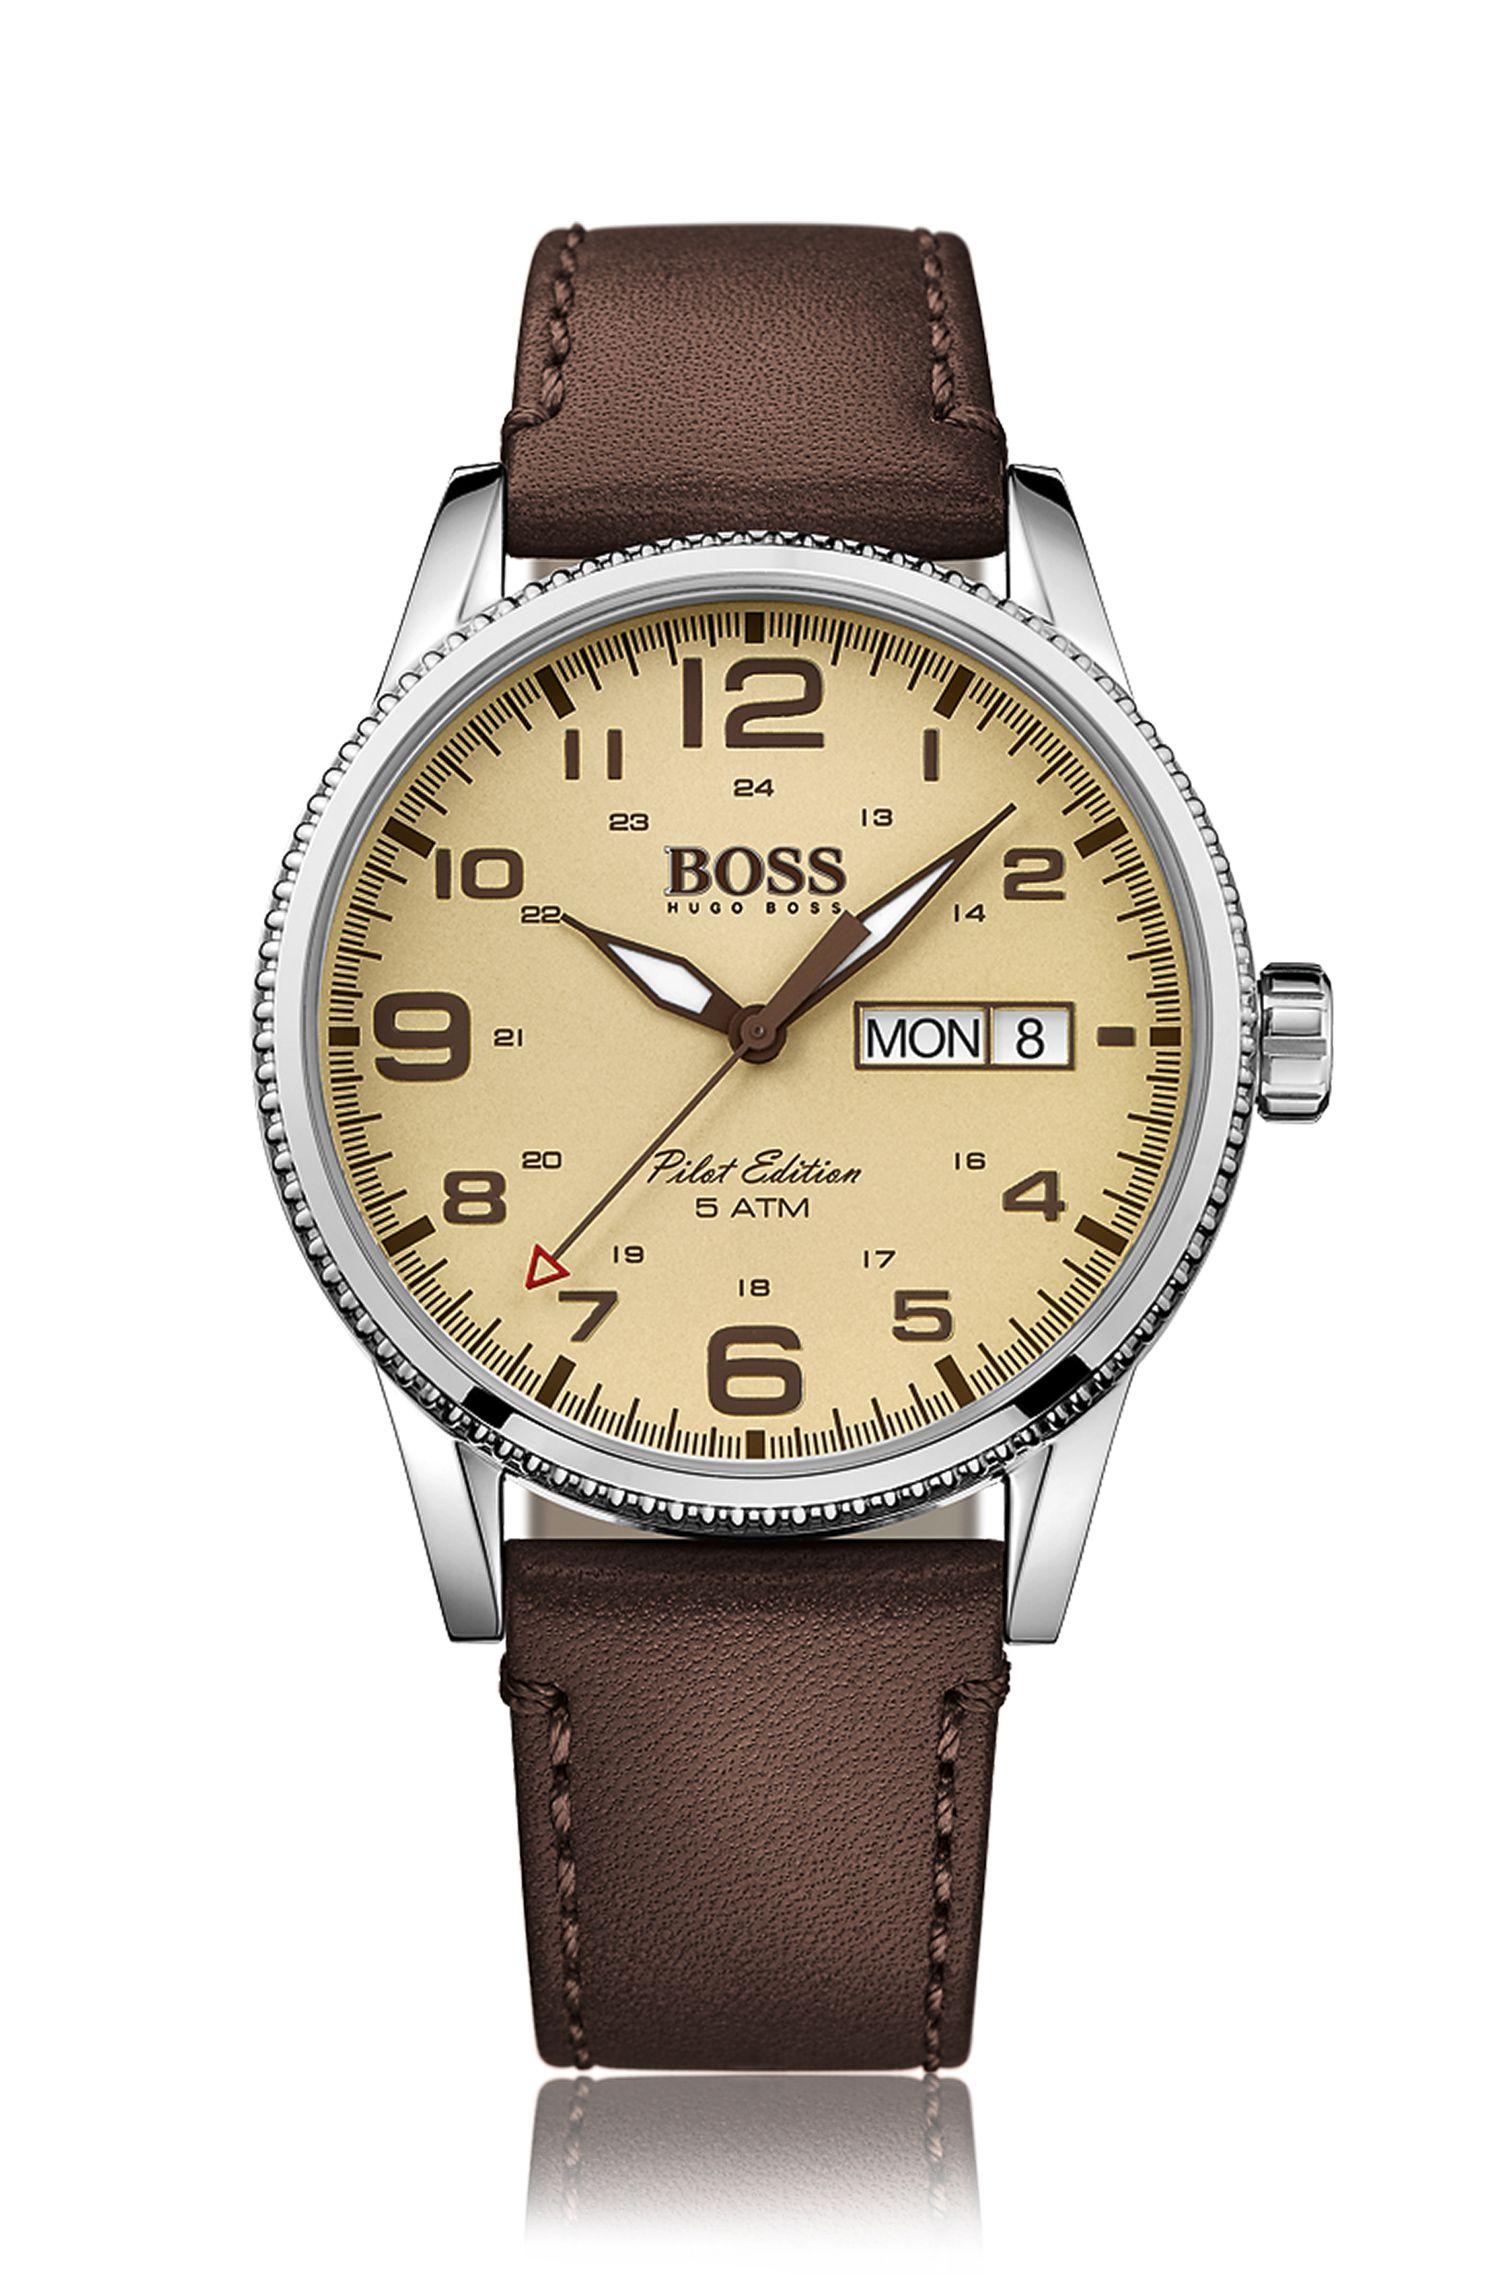 Reloj estilo piloto en acero inoxidable con bisel en textura